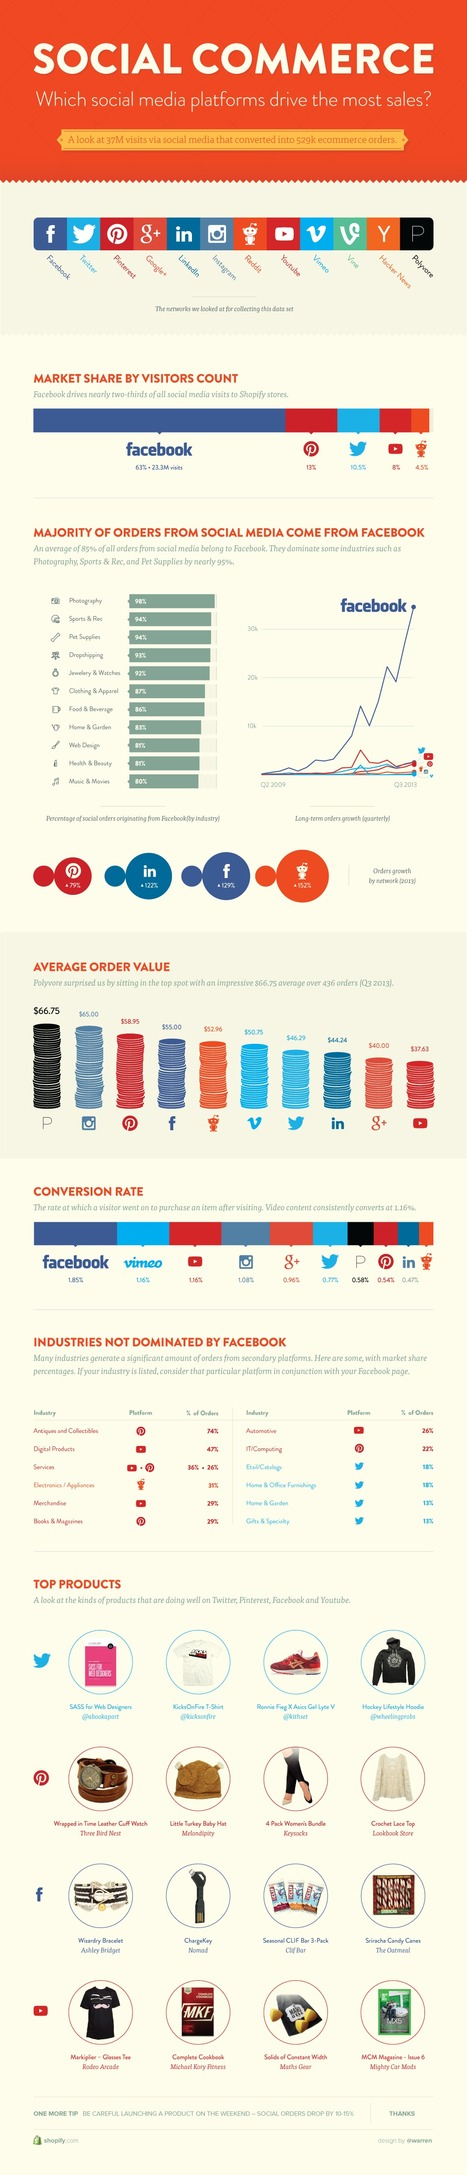 Social e-commerce : les réseaux sociaux qui génèrent le plus (et le moins) de ventes   Time to Learn   Scoop.it